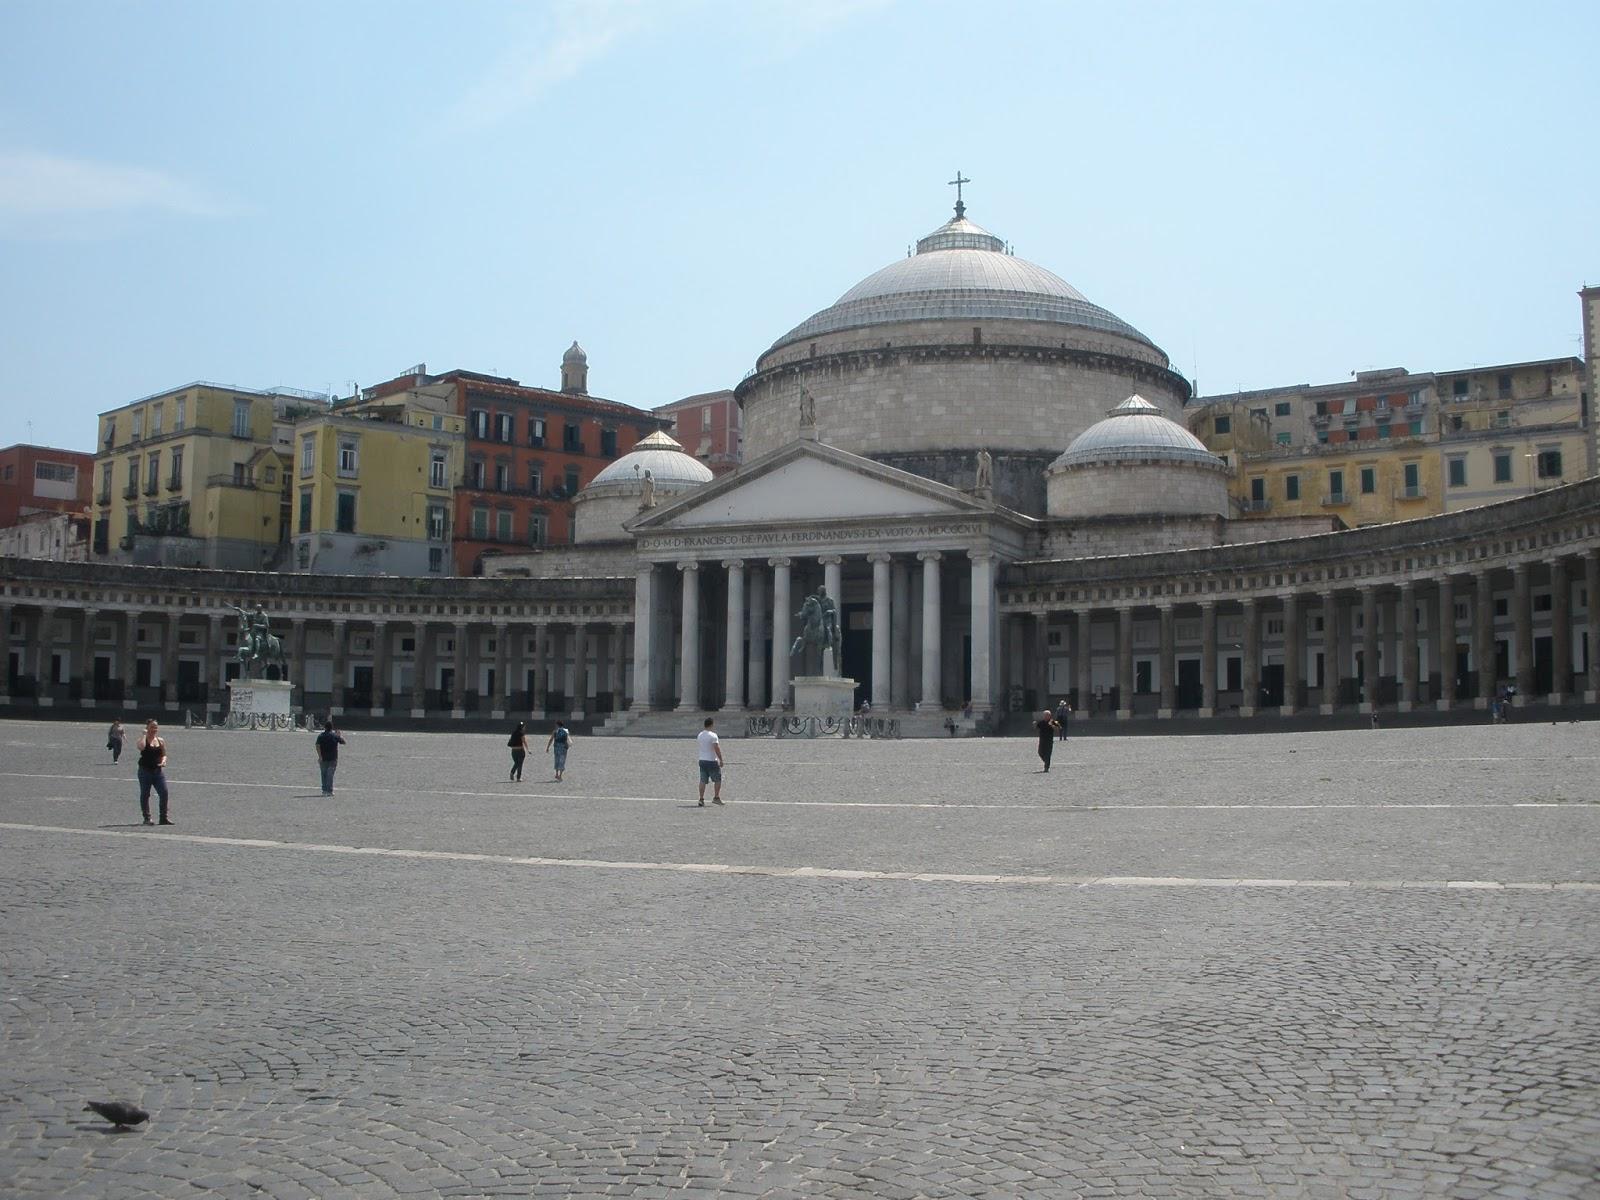 Plaza del Plebiscito, dónde se encuentra la Basílica de San Francisco de Paula y el Palacio Real